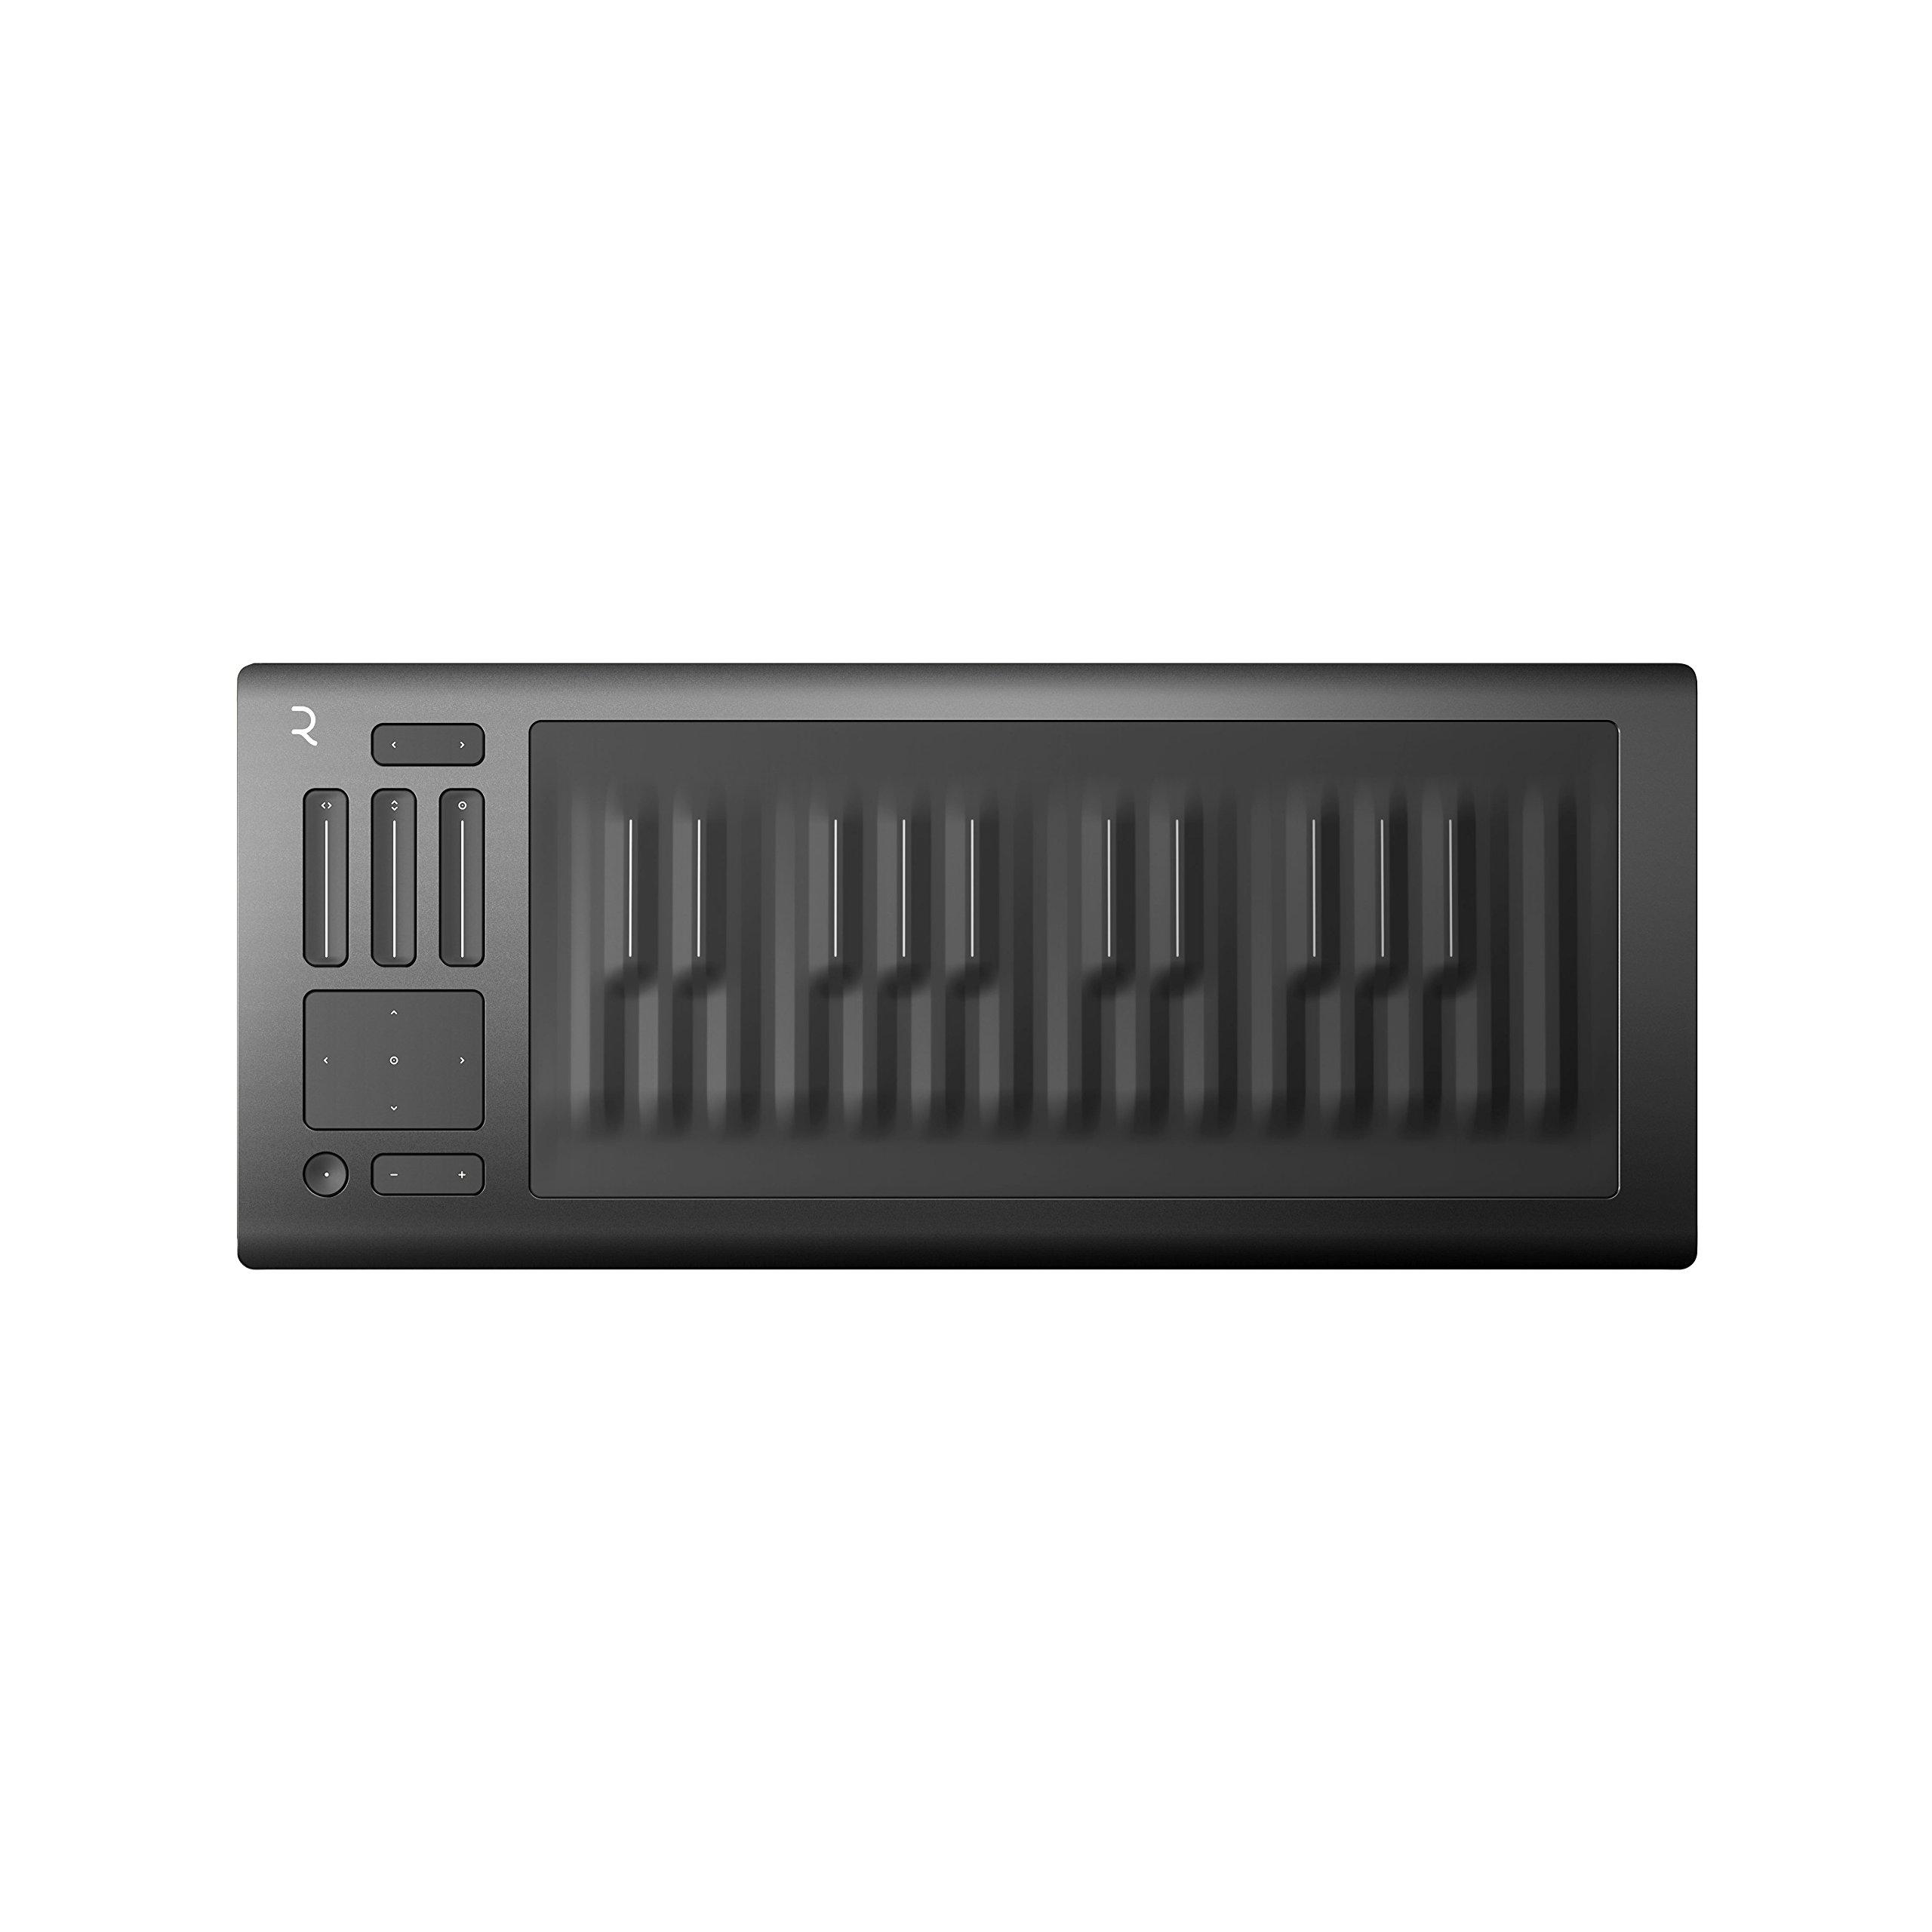 ROLI Seaboard Rise 25 25 Key Keyboard Controller by ROLI (Image #1)